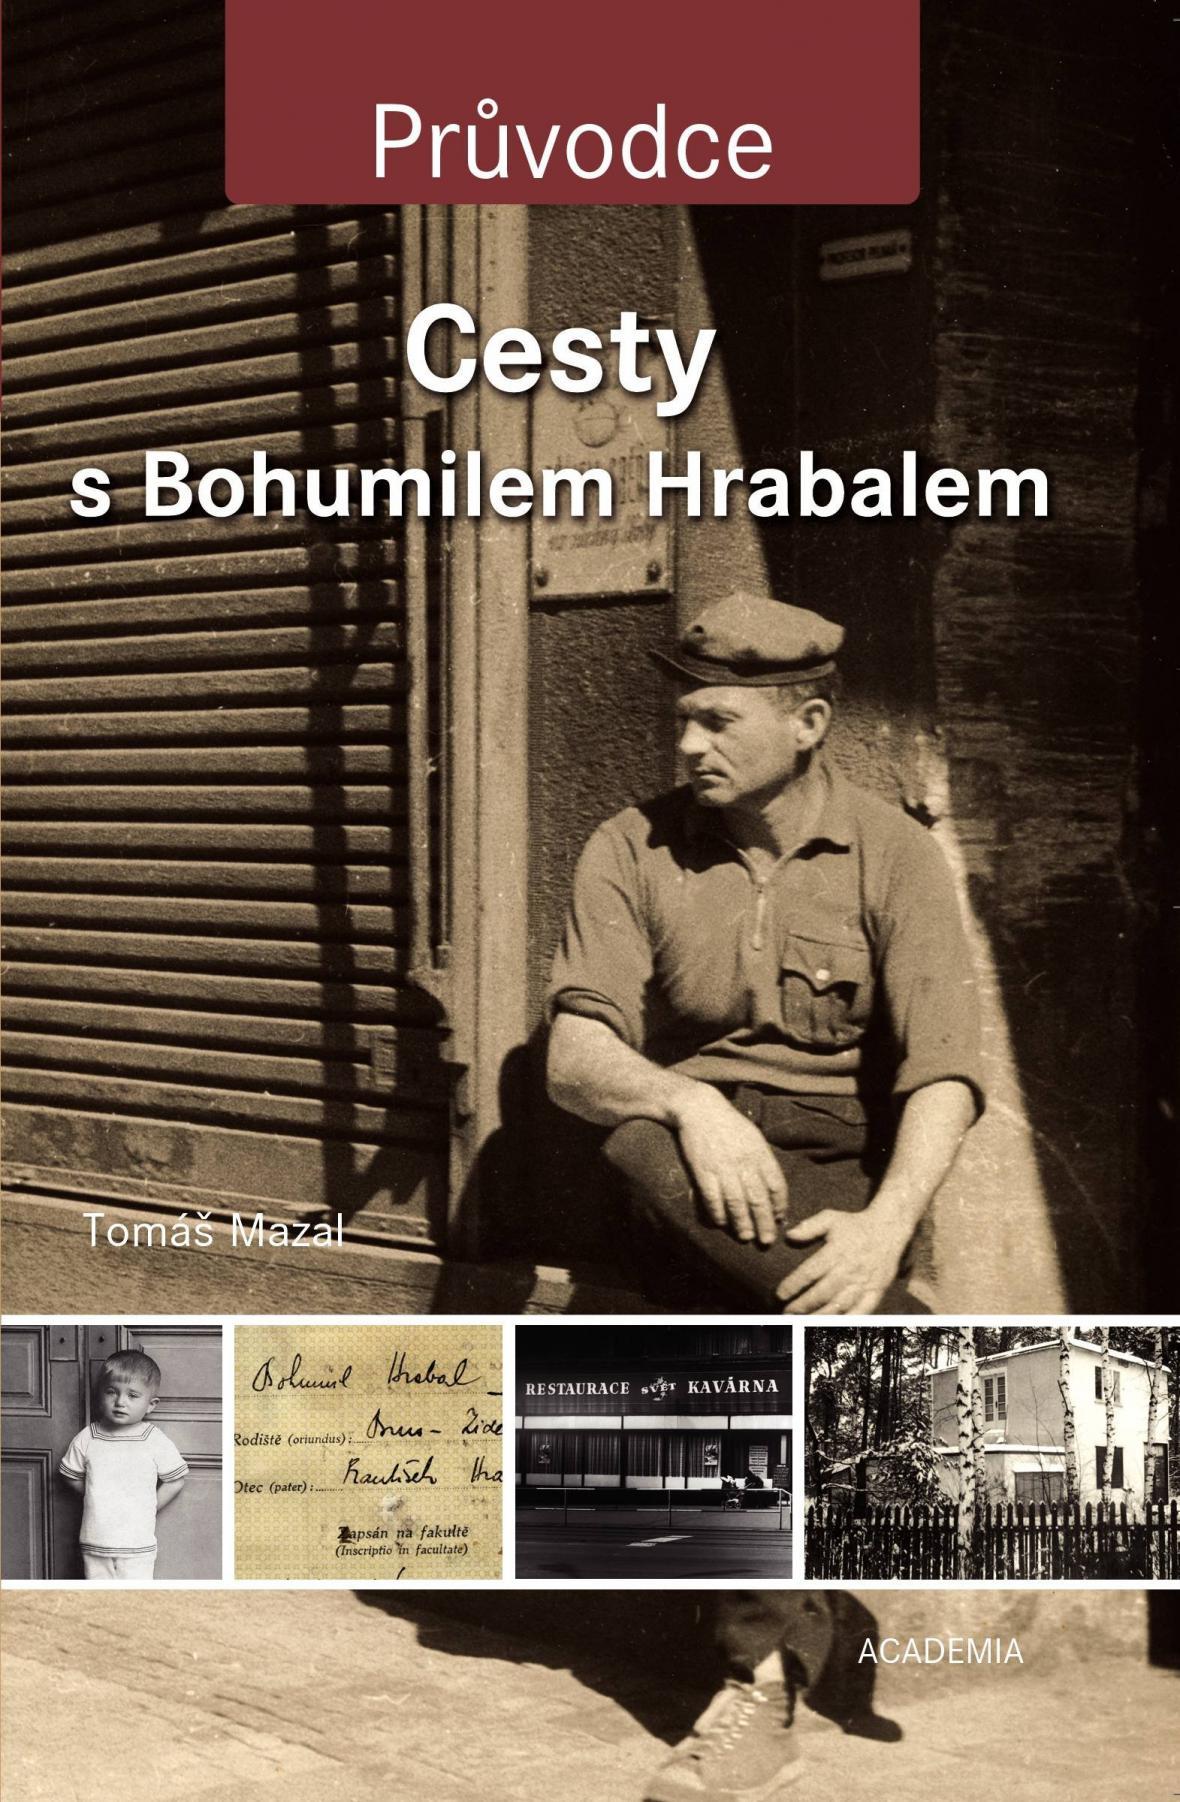 Tomáš Mazal / Cesty s Bohumilem Hrabalem